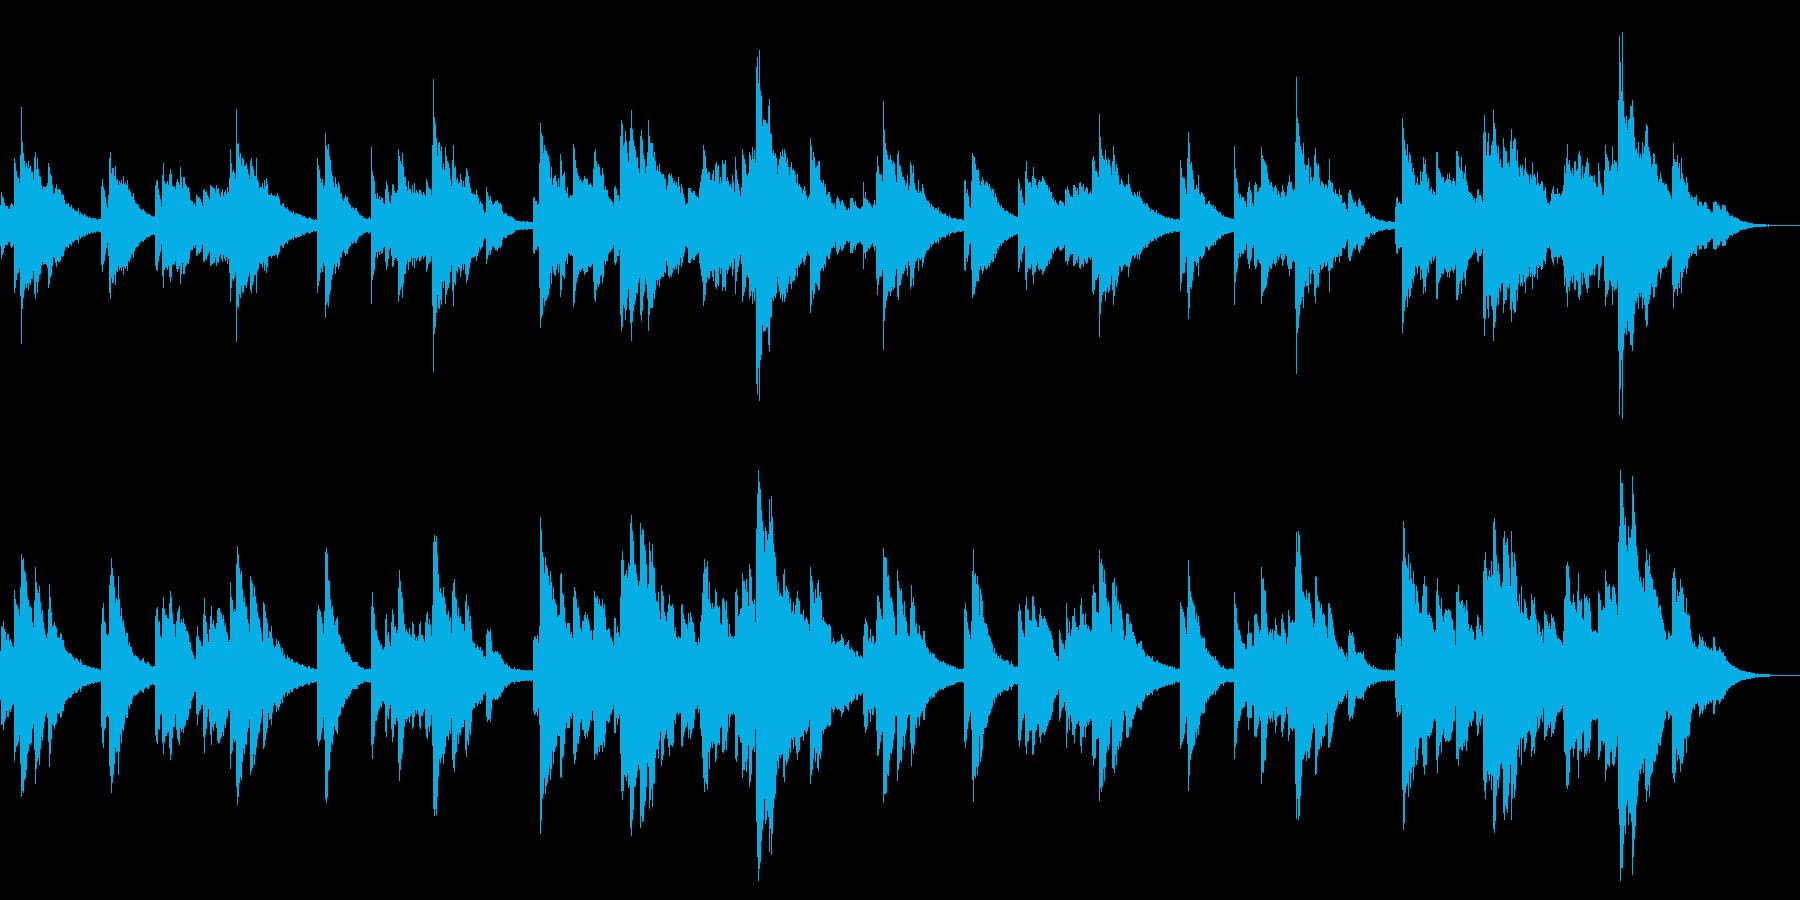 ソロ・ピアノ曲の再生済みの波形